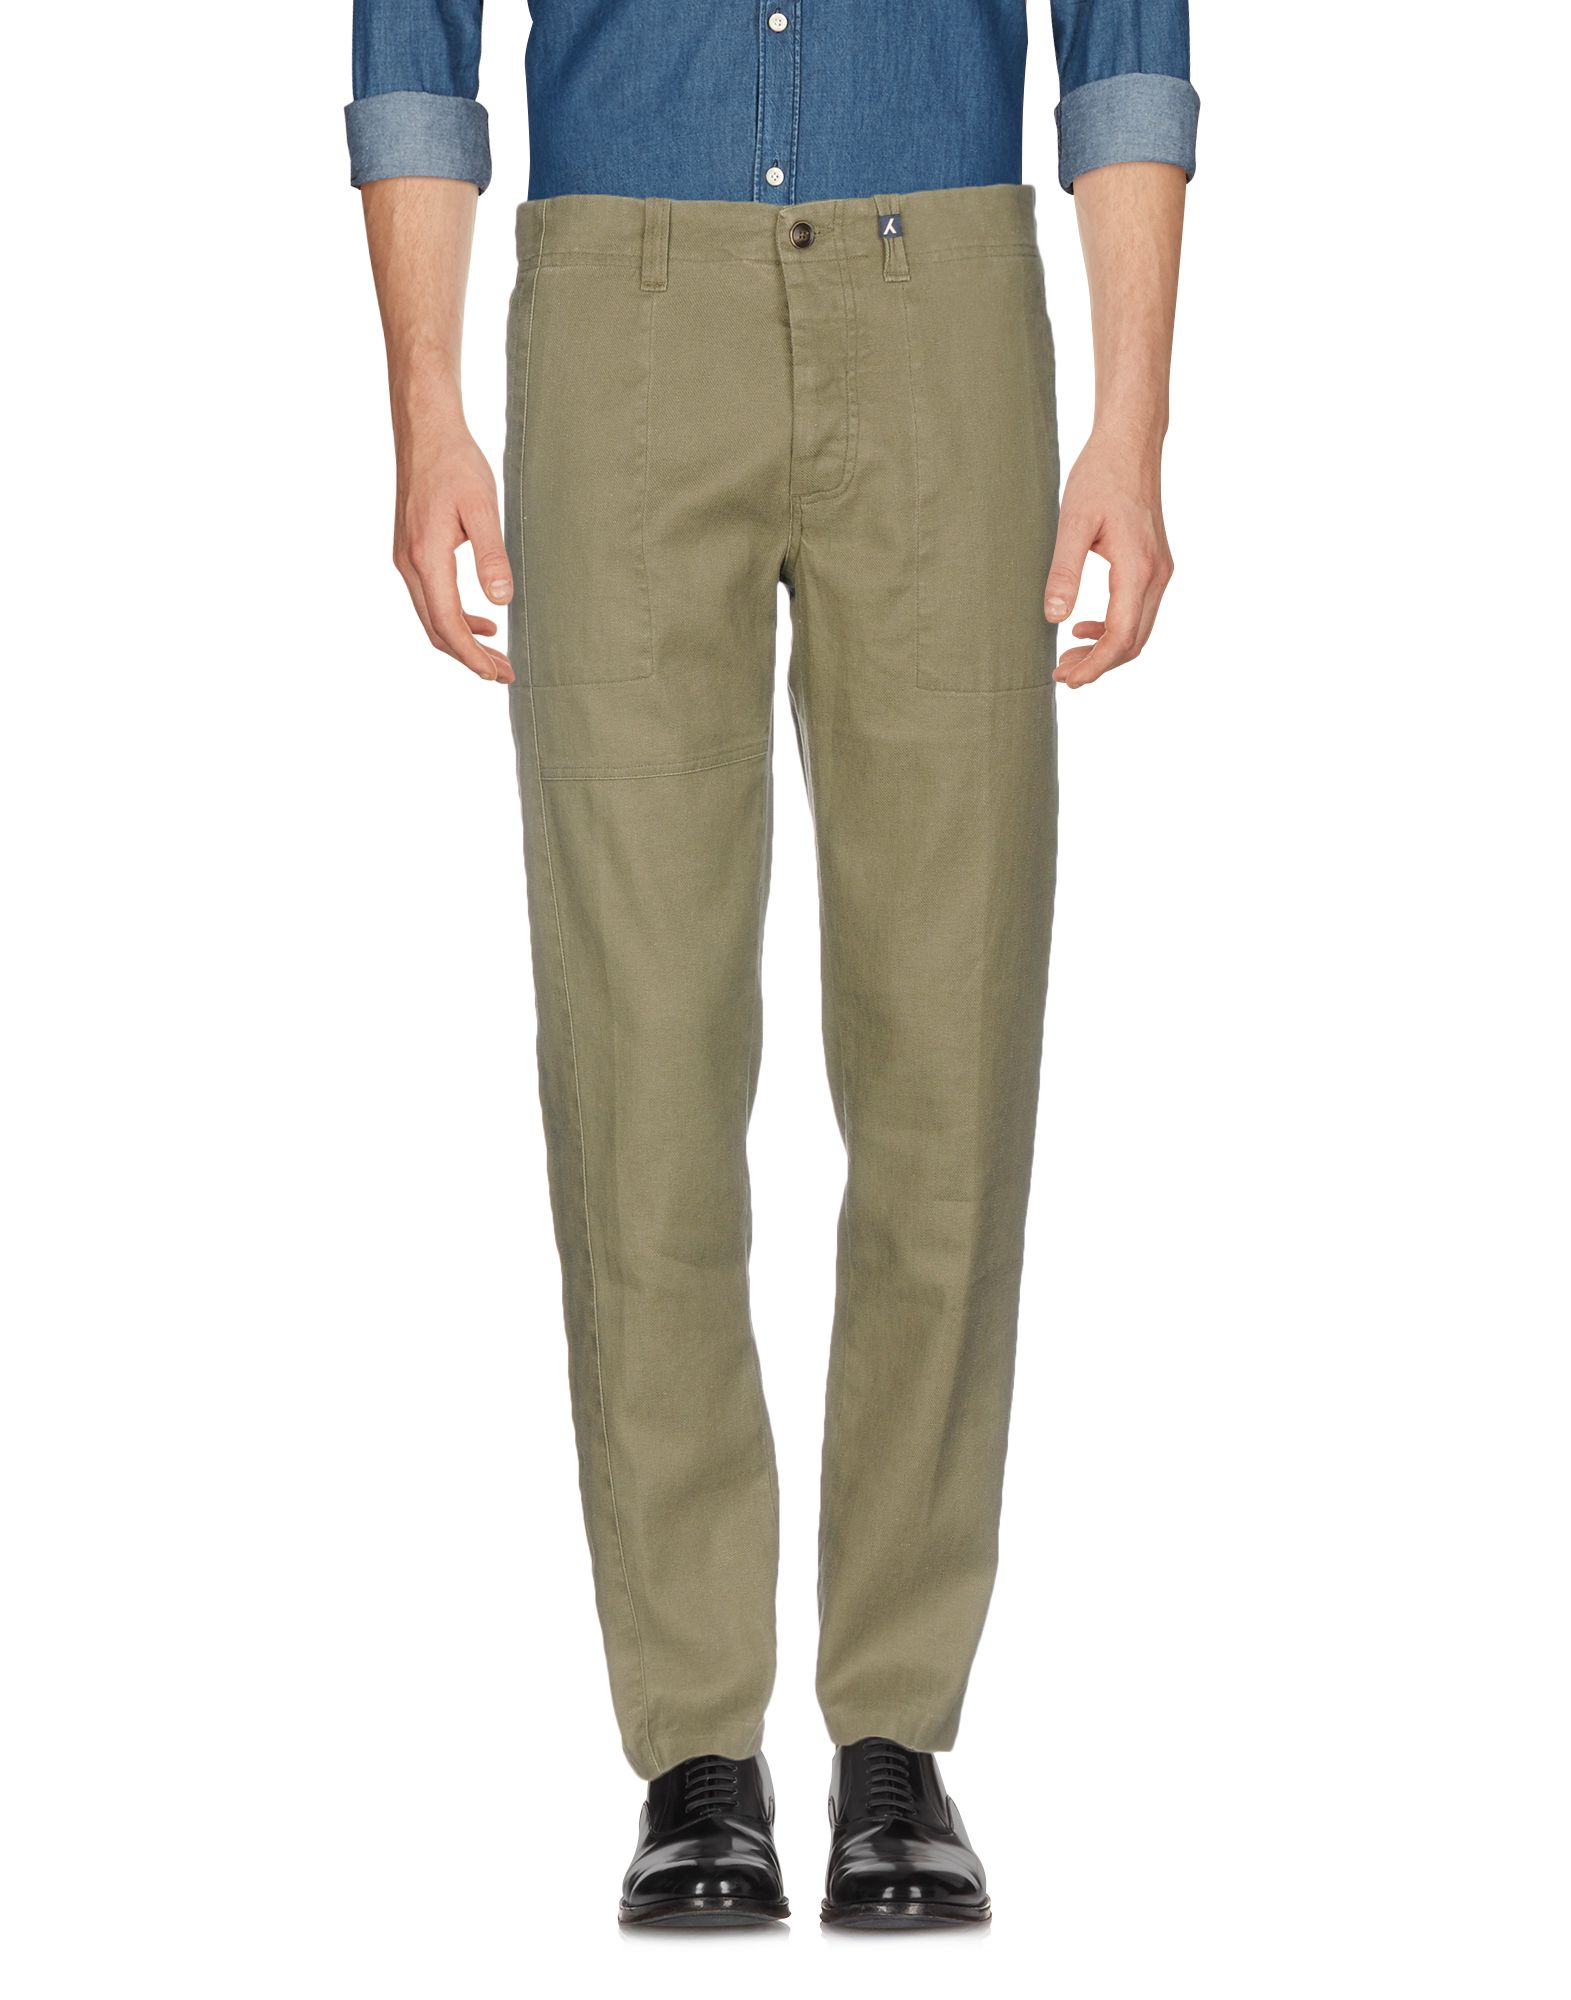 MYTHS Повседневные брюки 19 70 genuine wear повседневные брюки